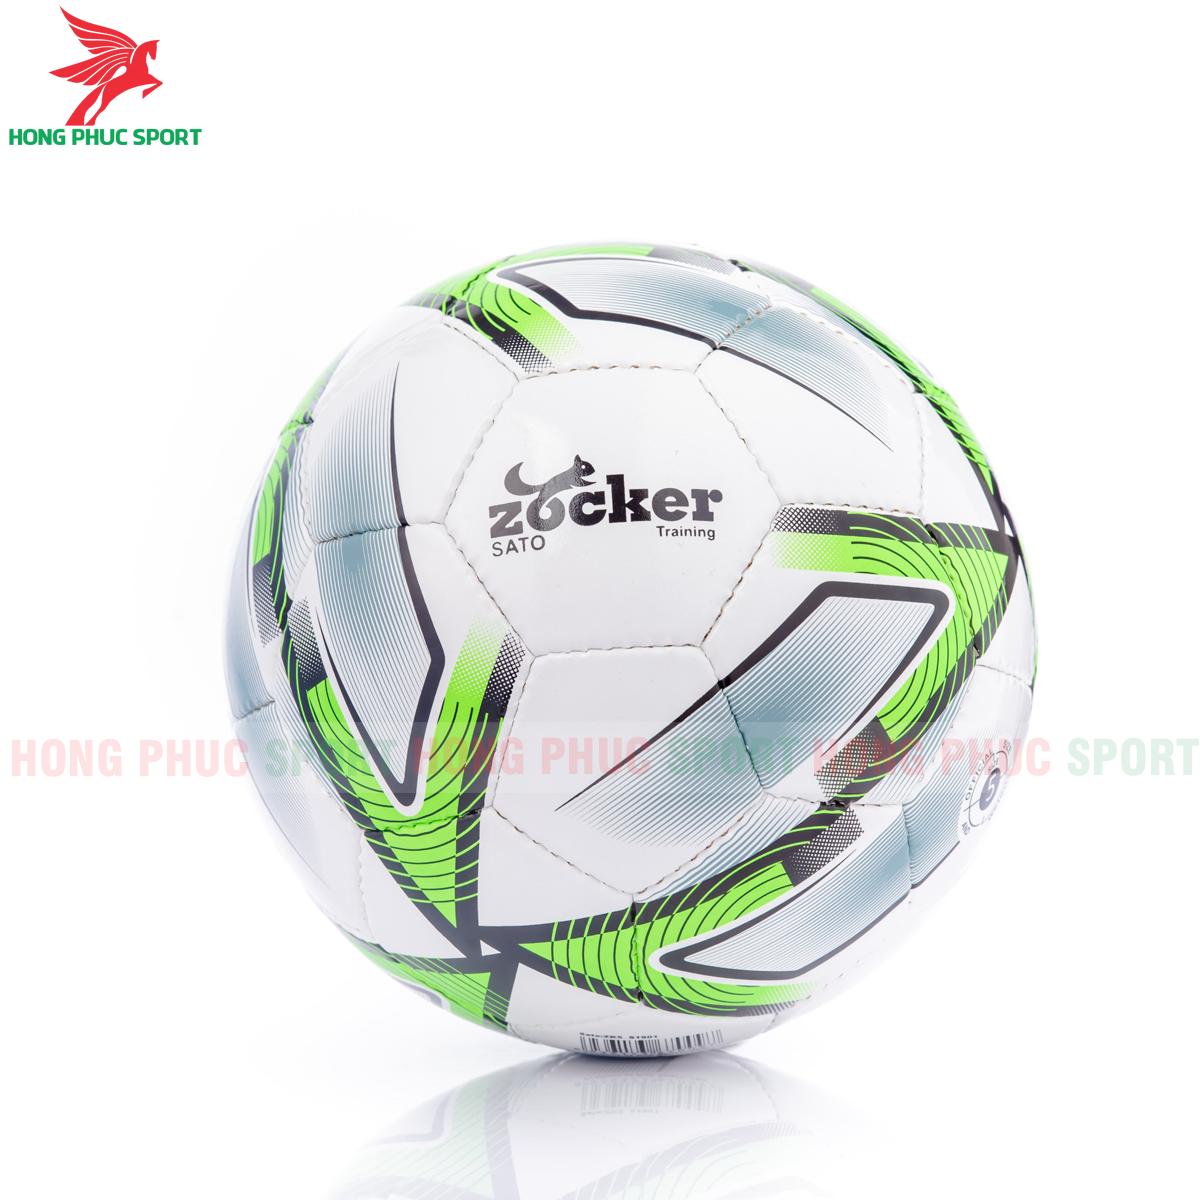 Quả bóng đá Zocker Sato S1901 mẫu 2màu xanh